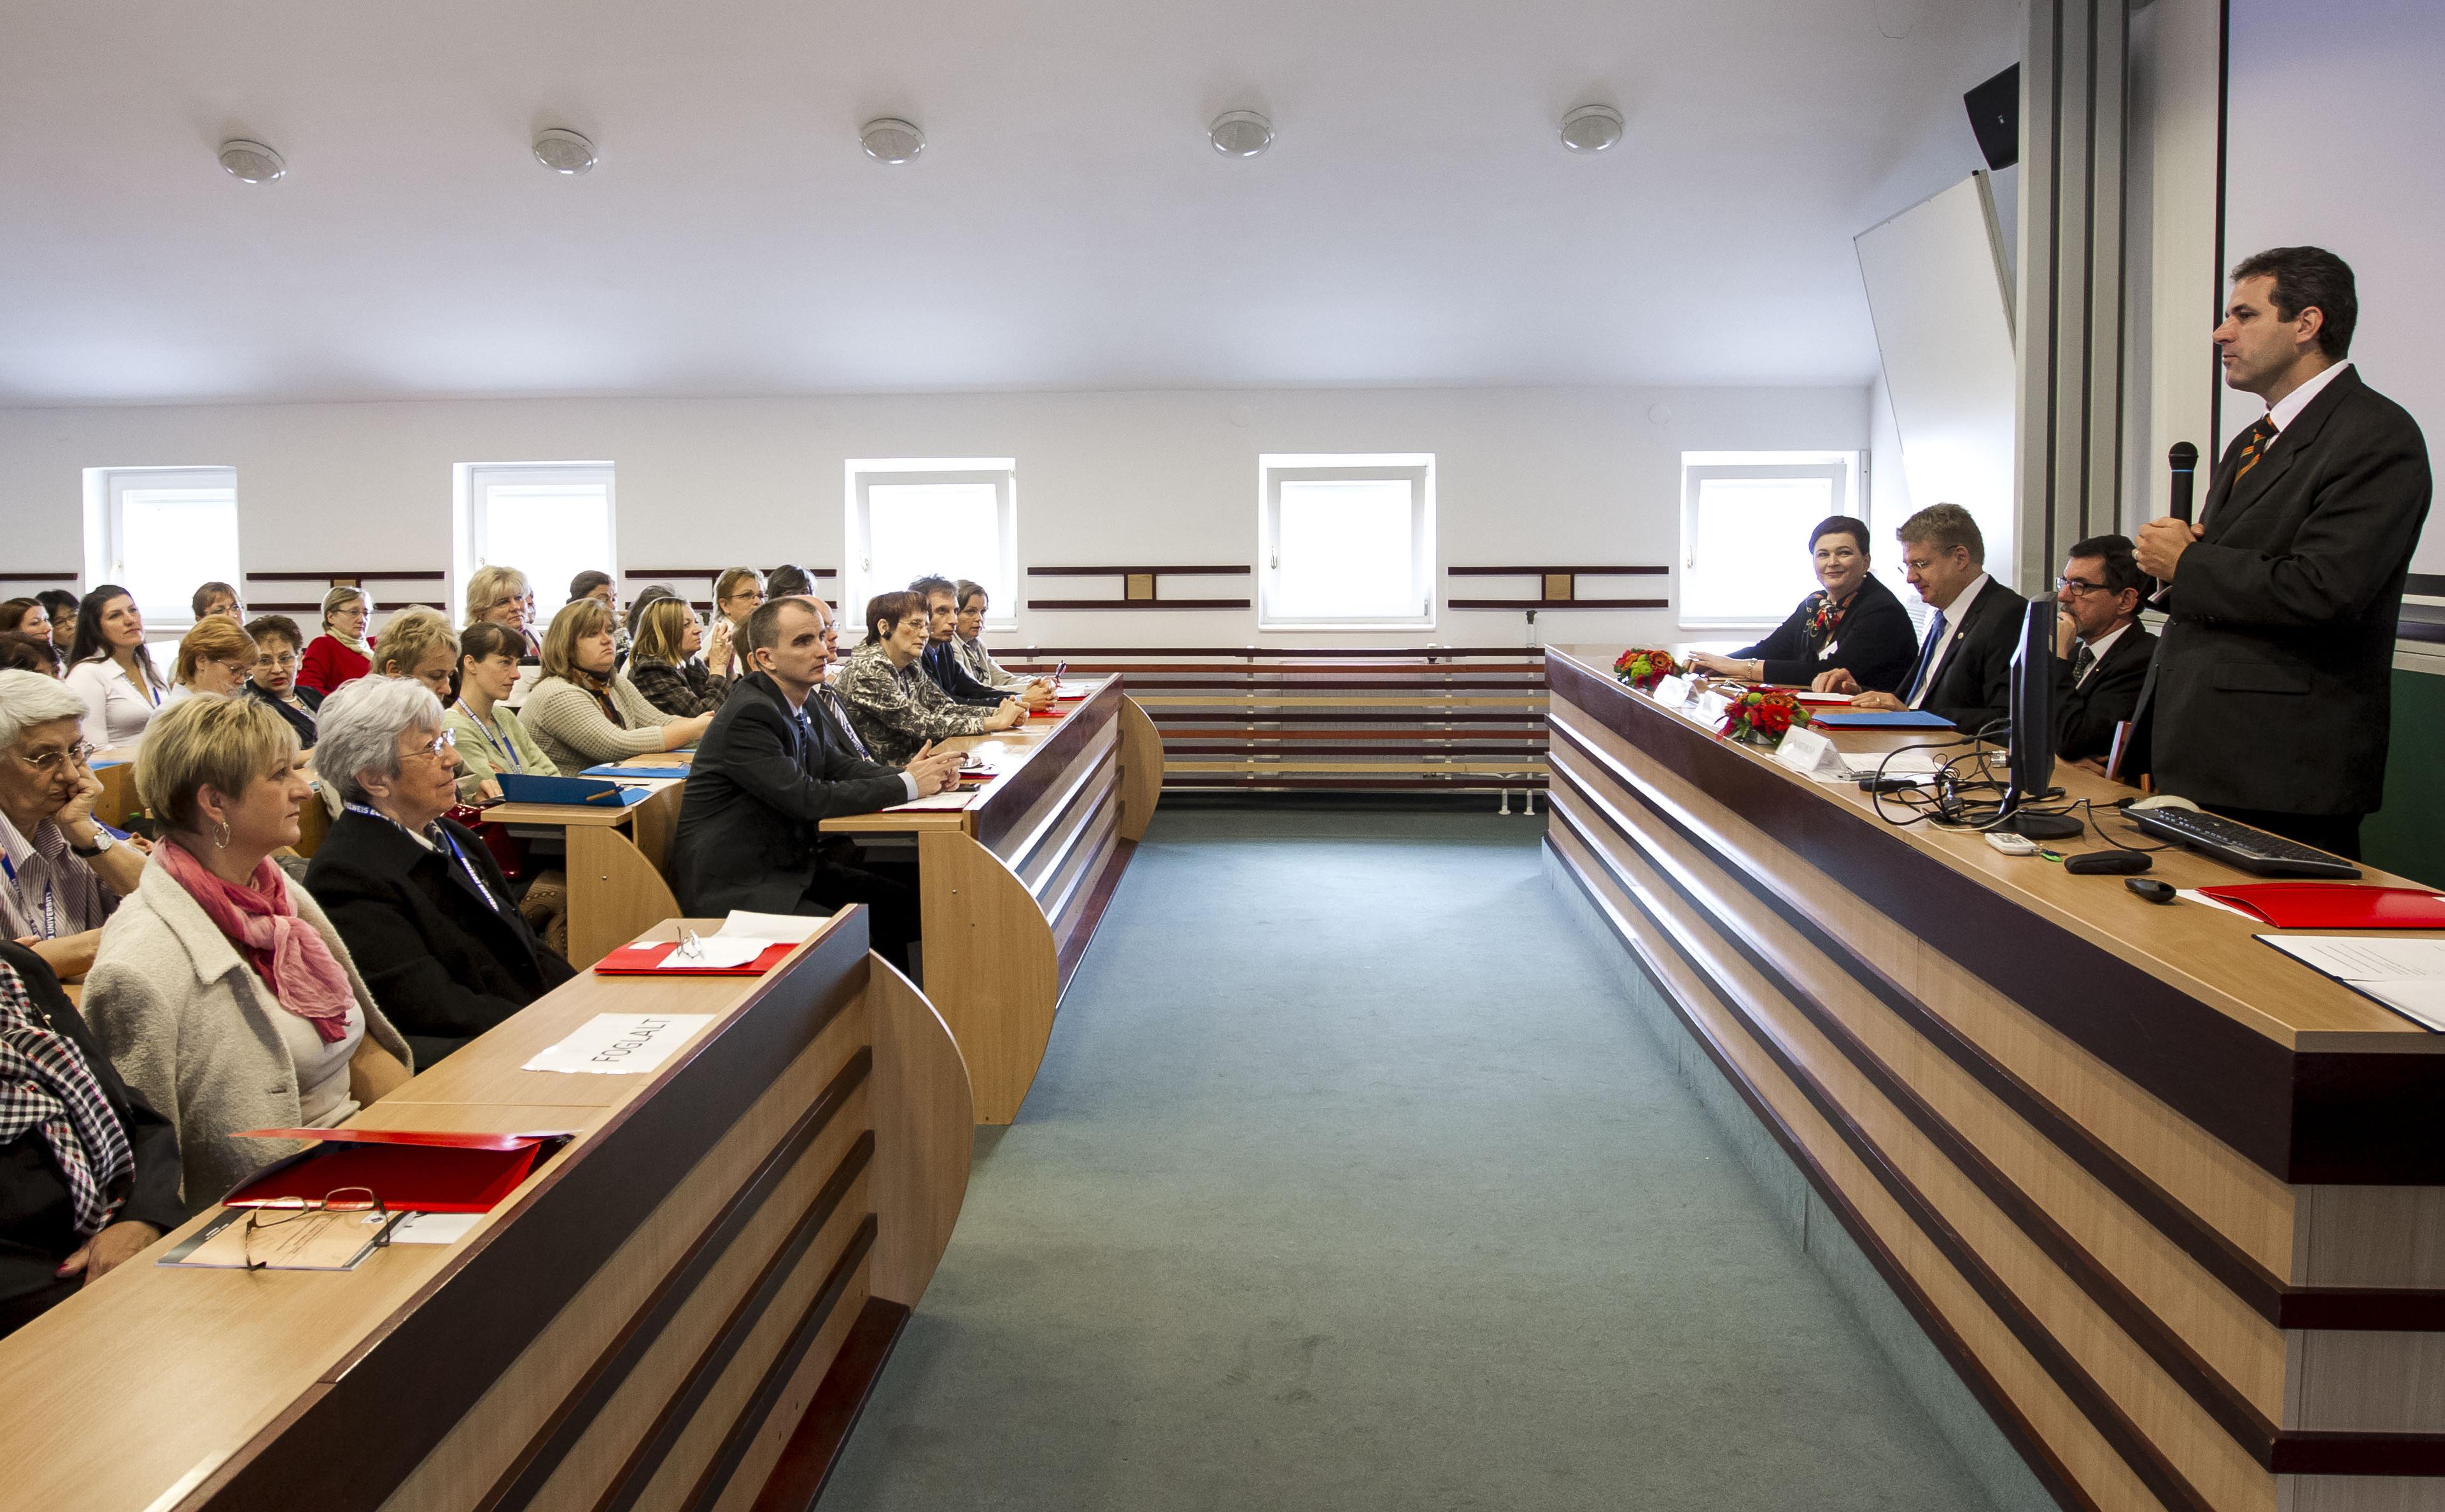 oldal ápolók találkozó)